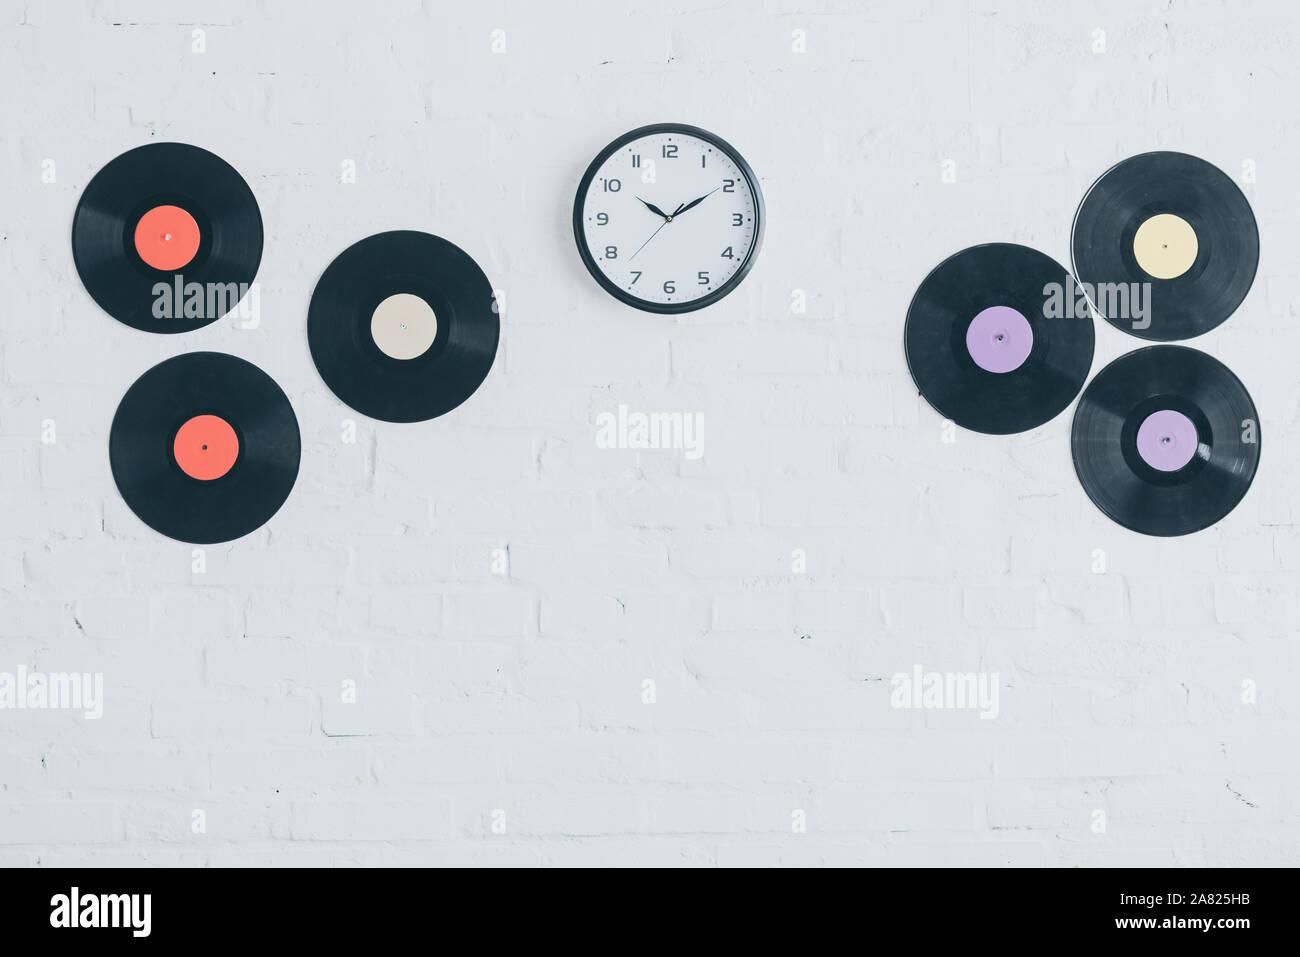 Los discos de vinilo y redondo reloj de pared de ladrillo blanco. Foto de stock